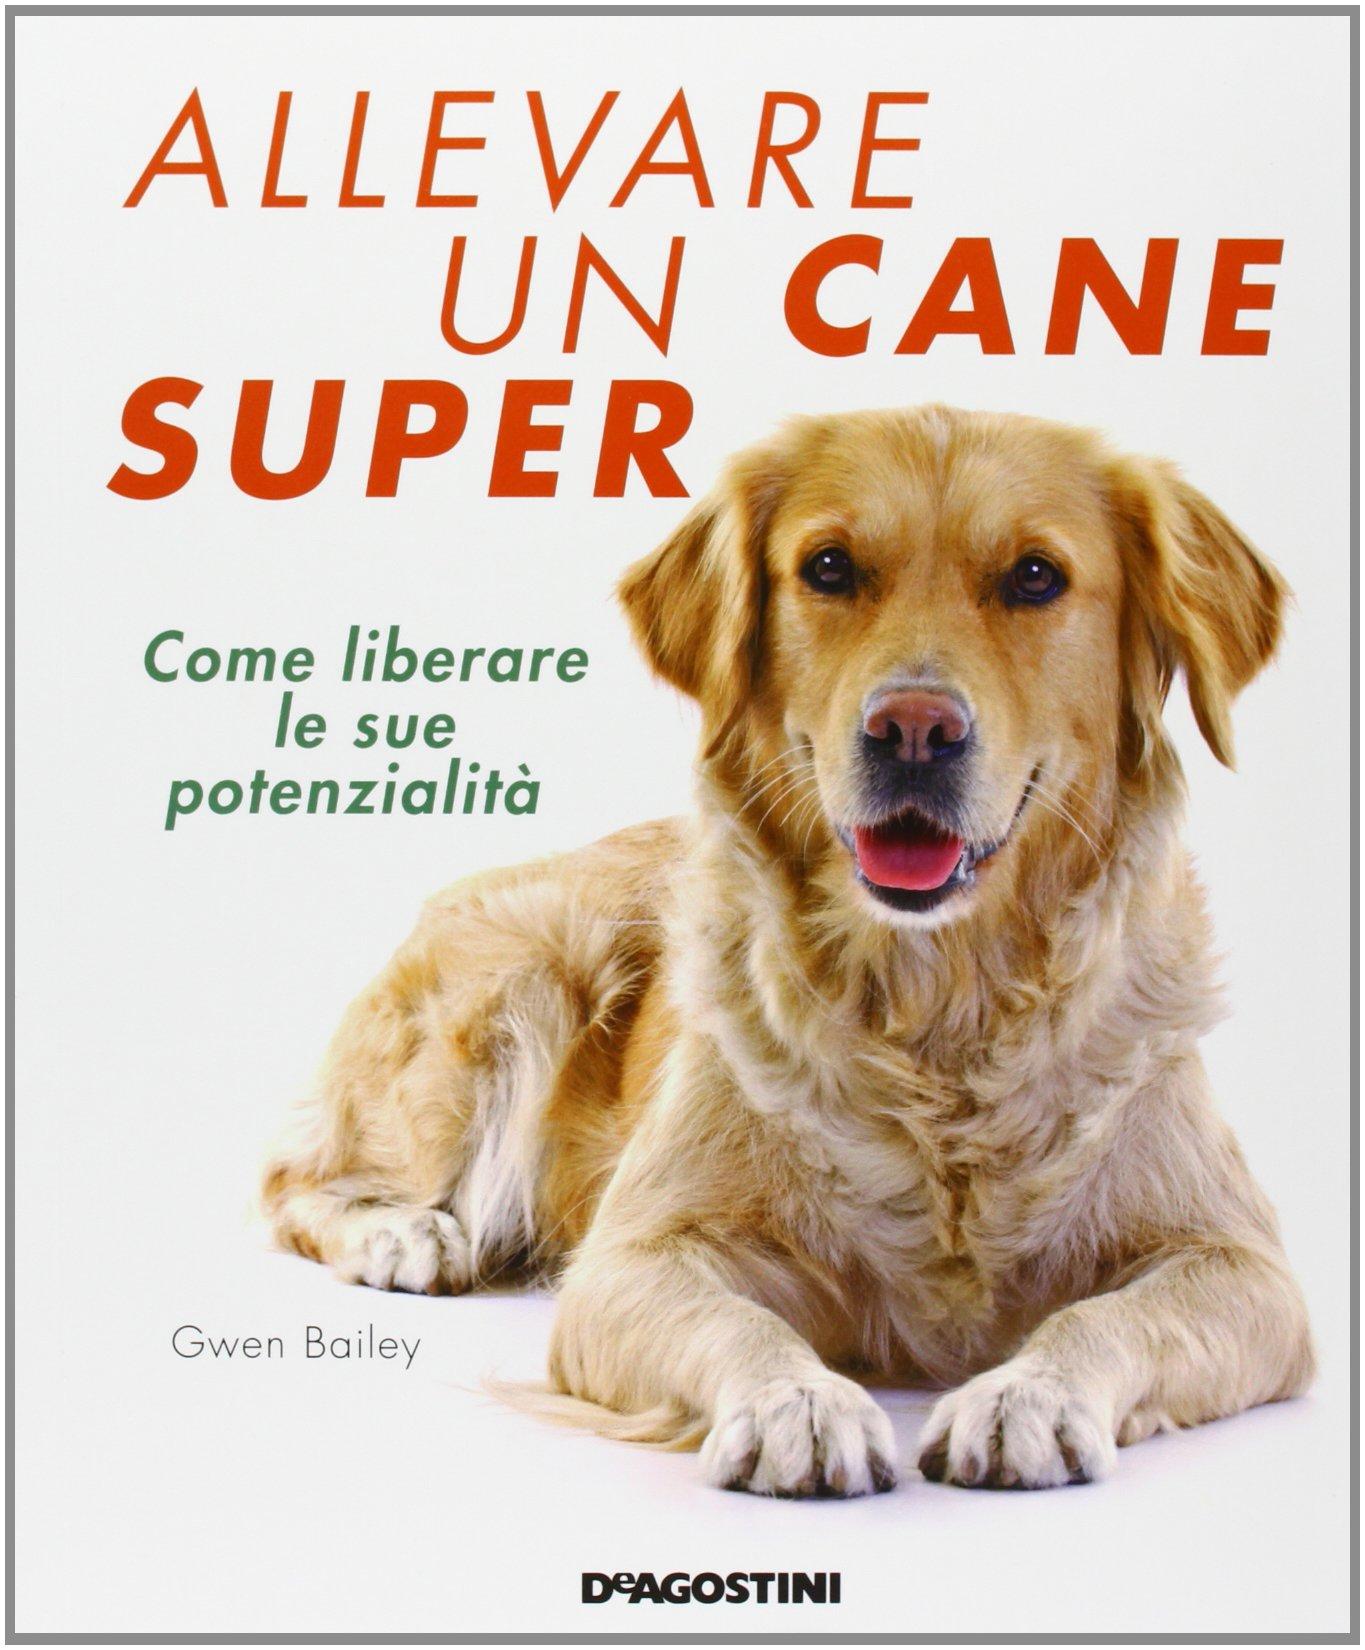 Allevare un cane super. Come liberare le sue potenzialità Copertina flessibile – 12 set 2013 Gwen Bailey C. Silipigni De Agostini 8841893389